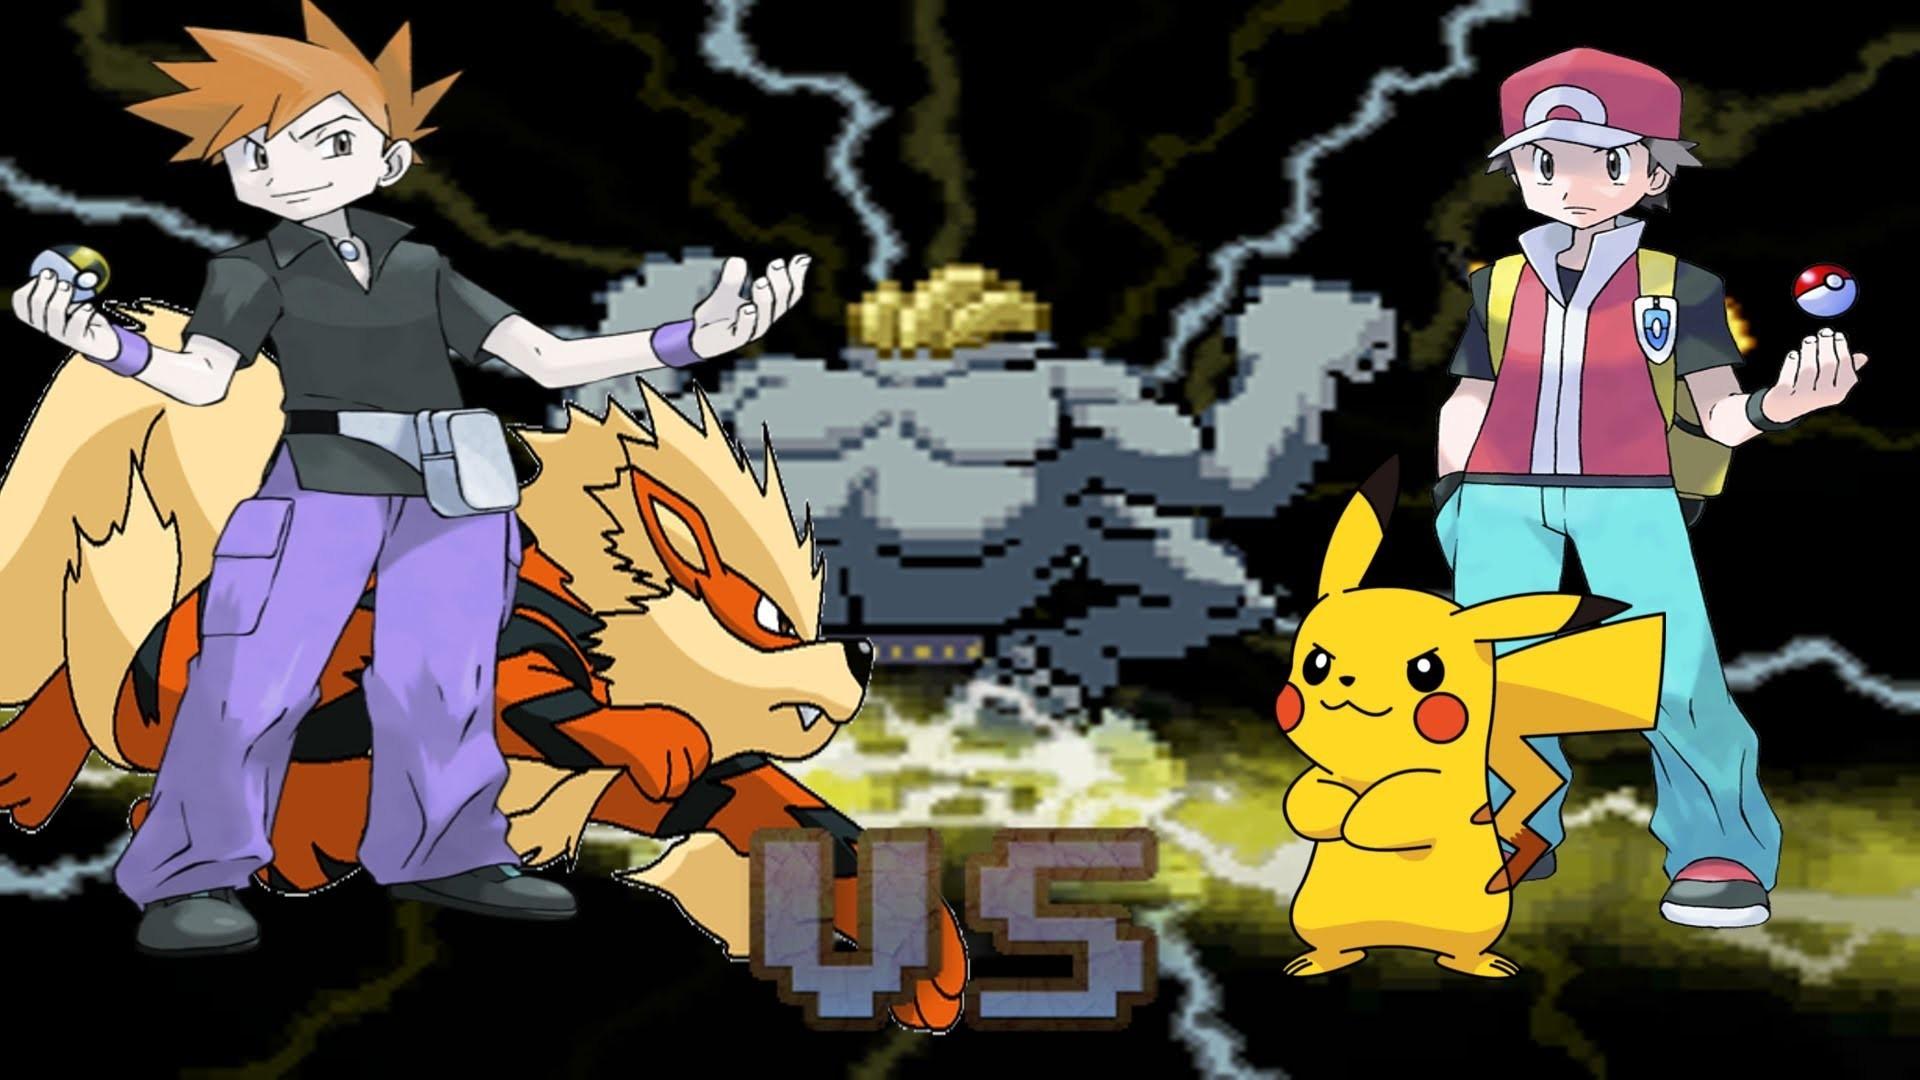 [BW2 Trainer Battle] Pokemon Wi-Fi Battle #131: Red vs. Blue!!! – YouTube